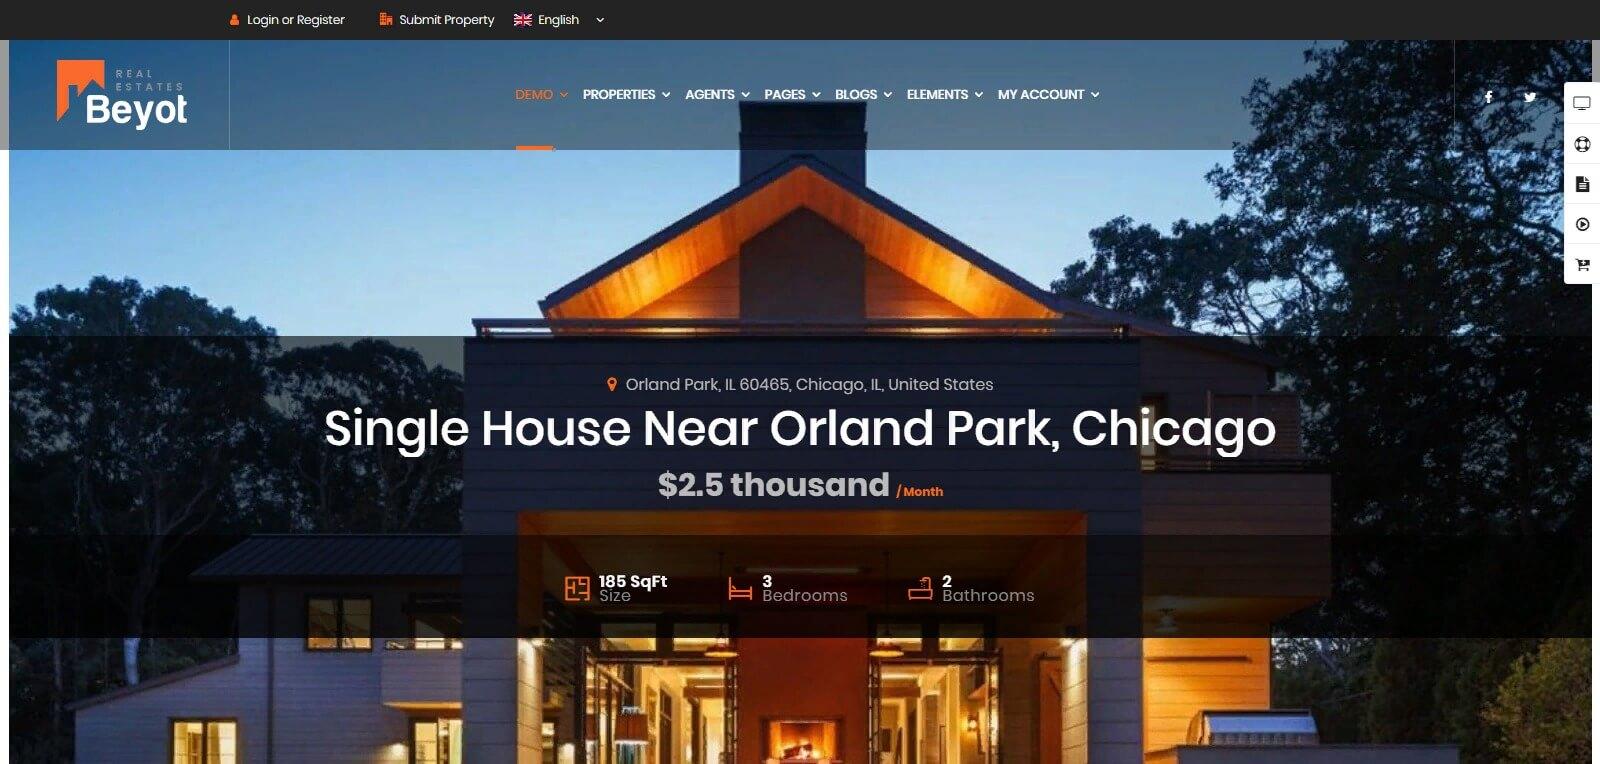 Lợi ích của việc thiết kế website nhà đất chuyên nghiệp